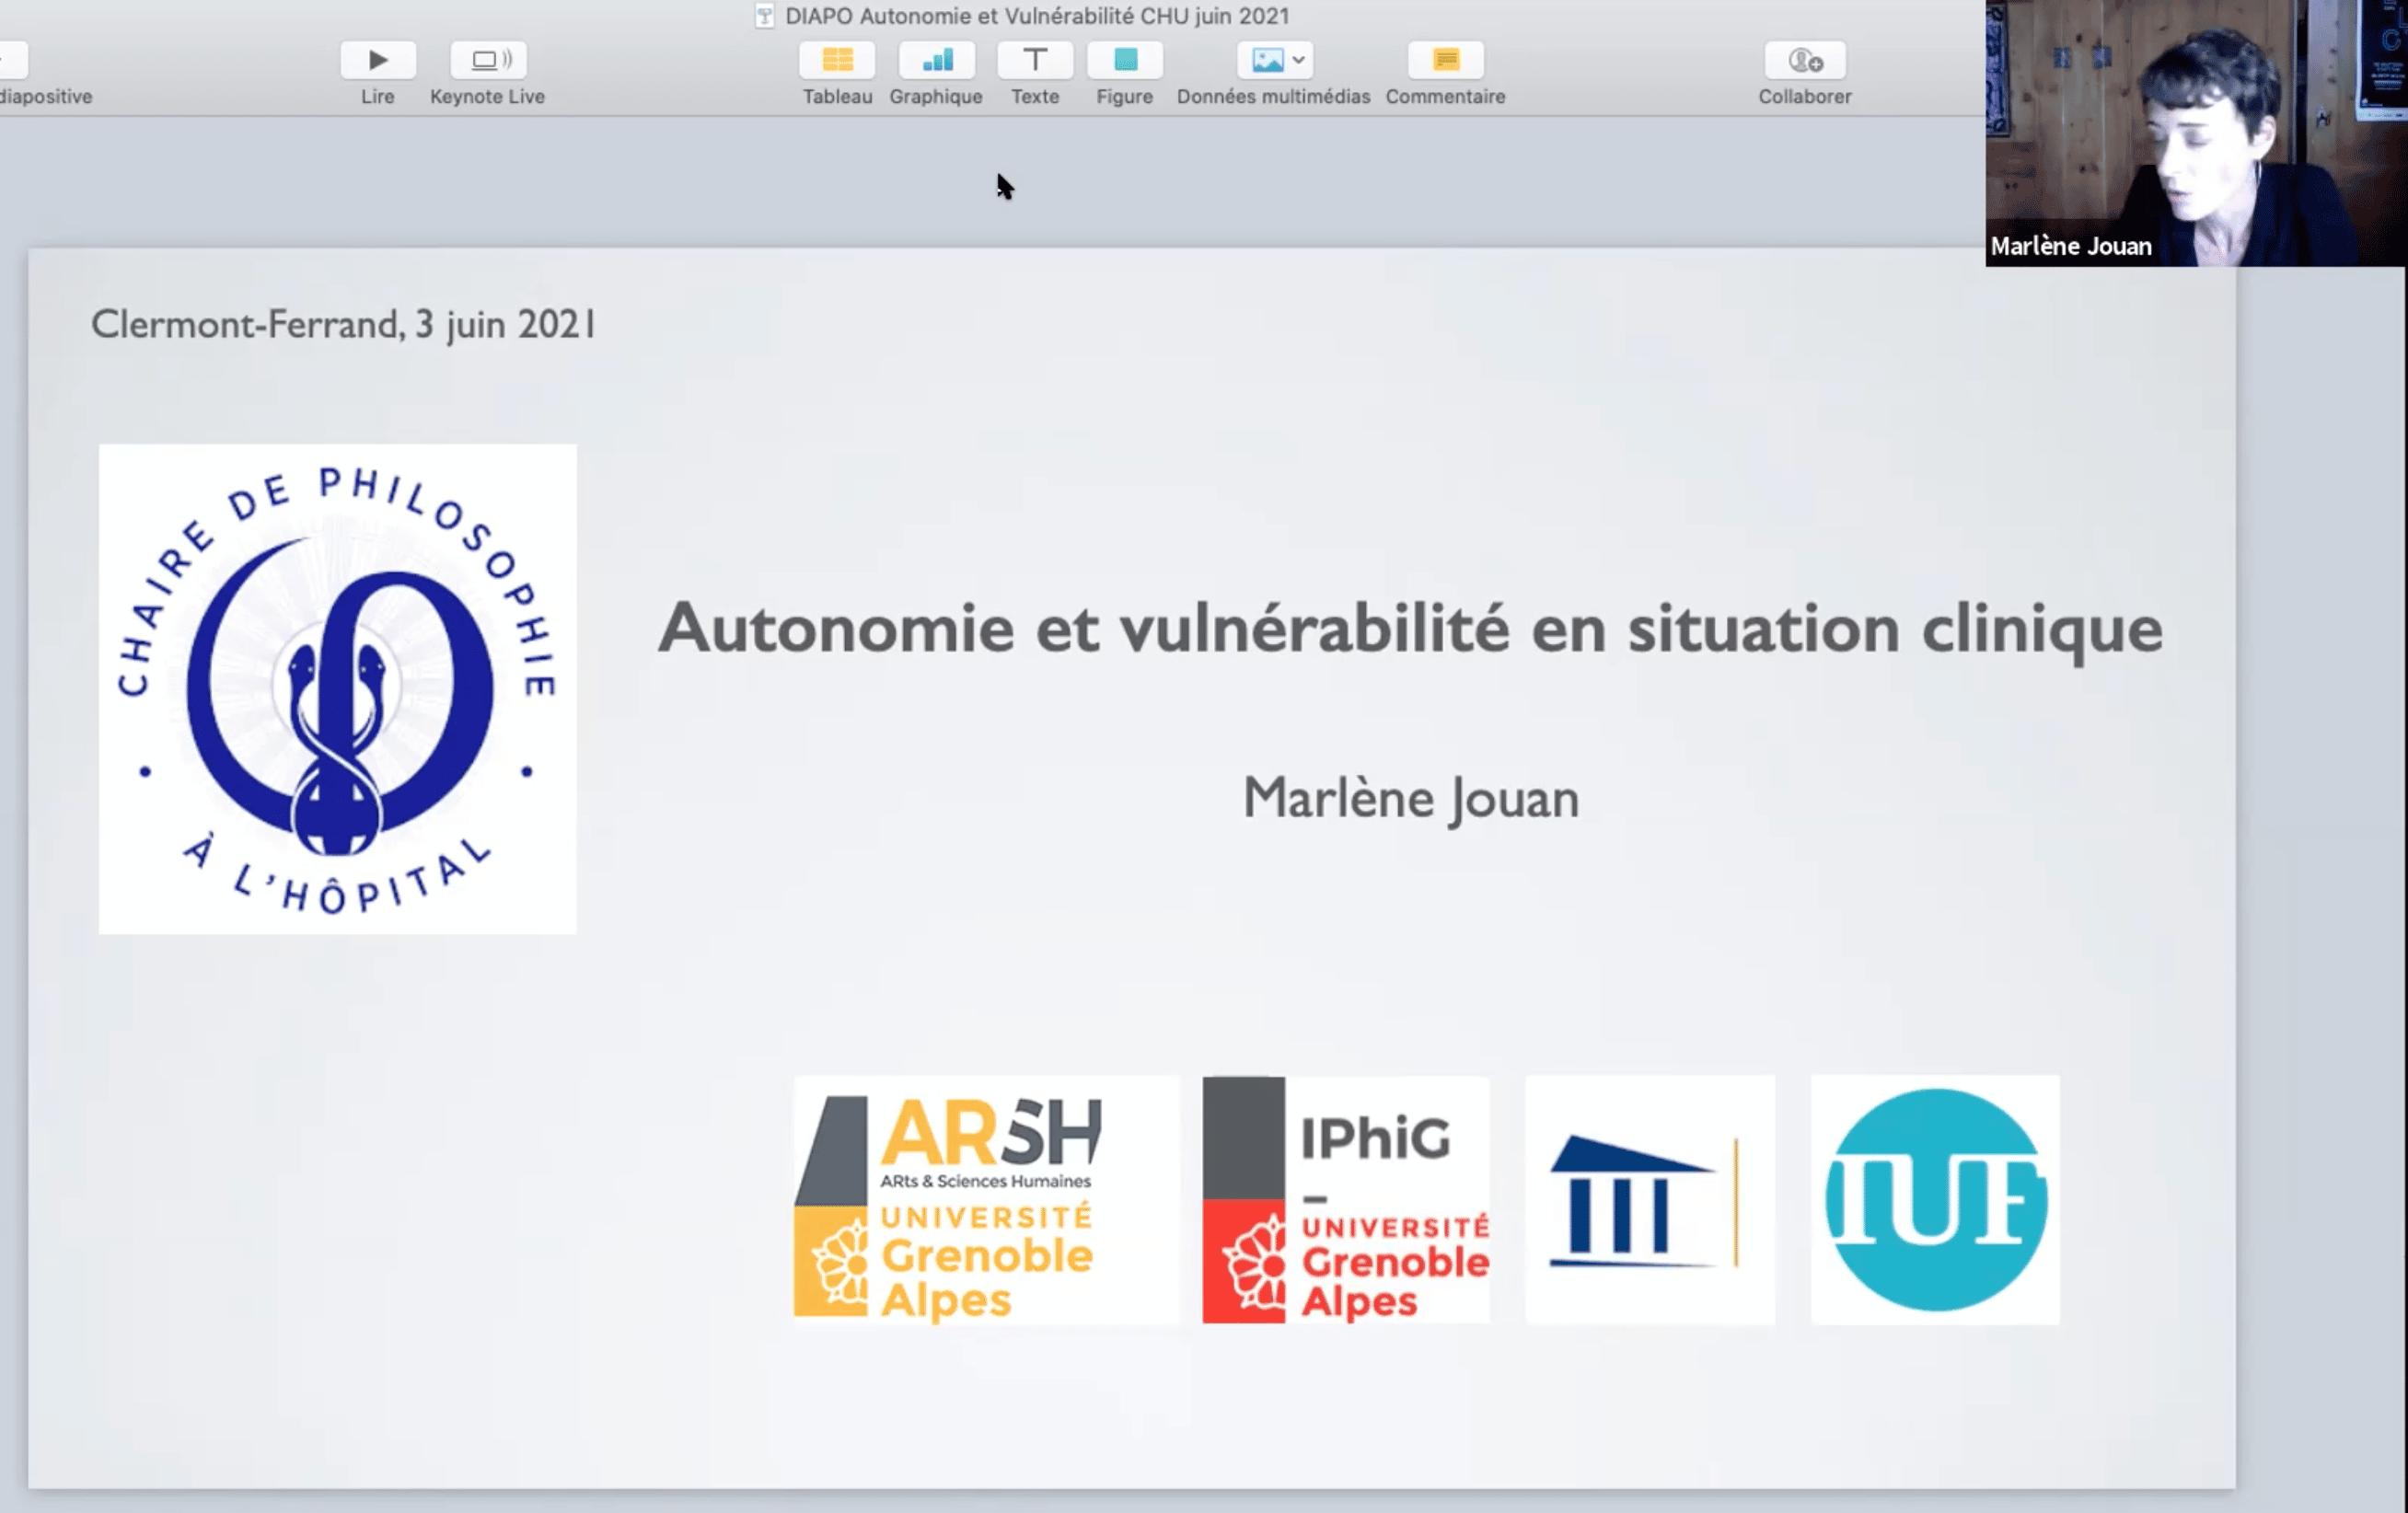 Autonomie et vulnérabilité en situation clinique